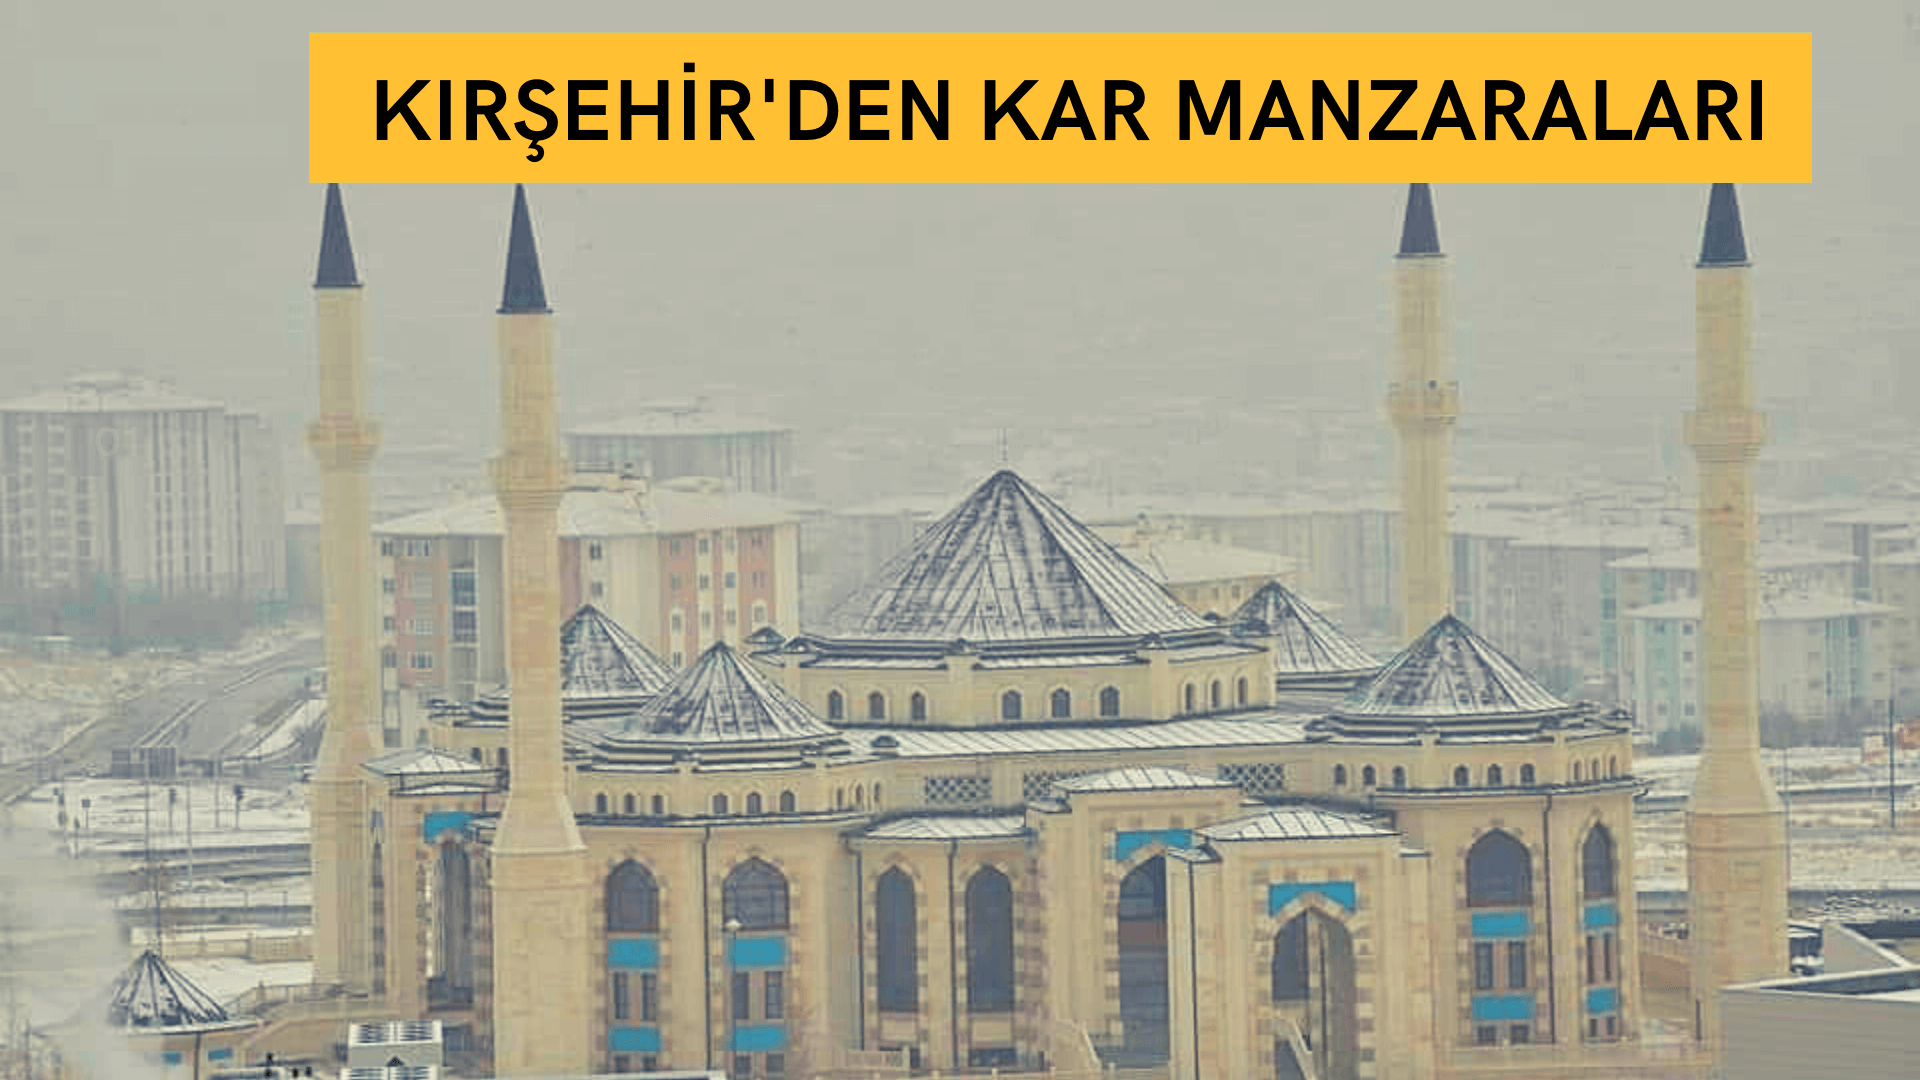 Kırşehir'den kar manzaraları